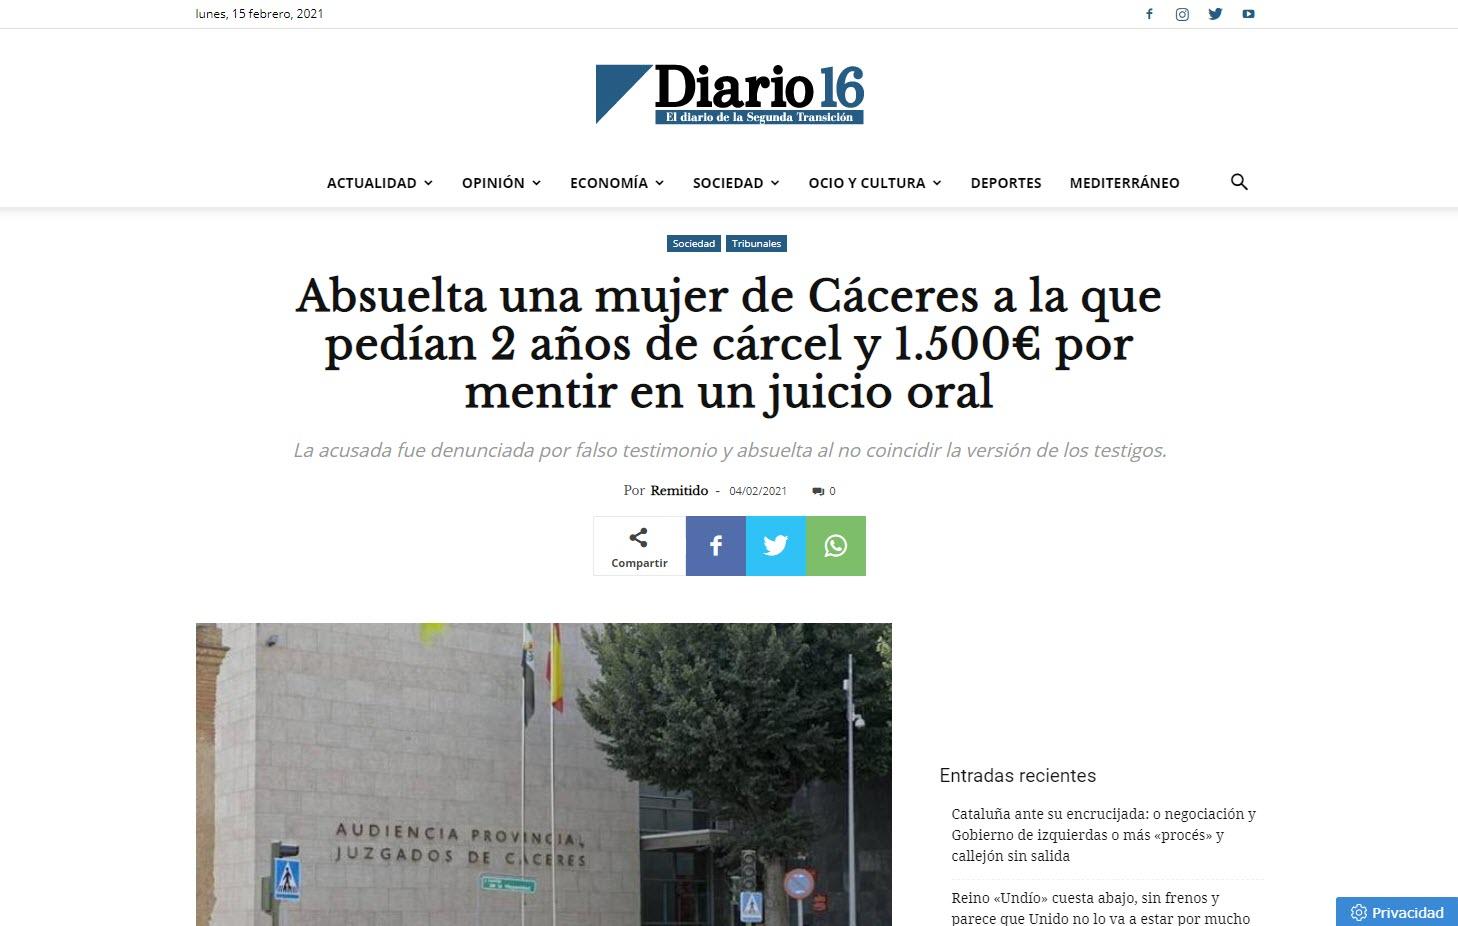 Absuelta una mujer de Cáceres a la que pedían 2 años de cárcel y 1.500€ por mentir en un juicio oral